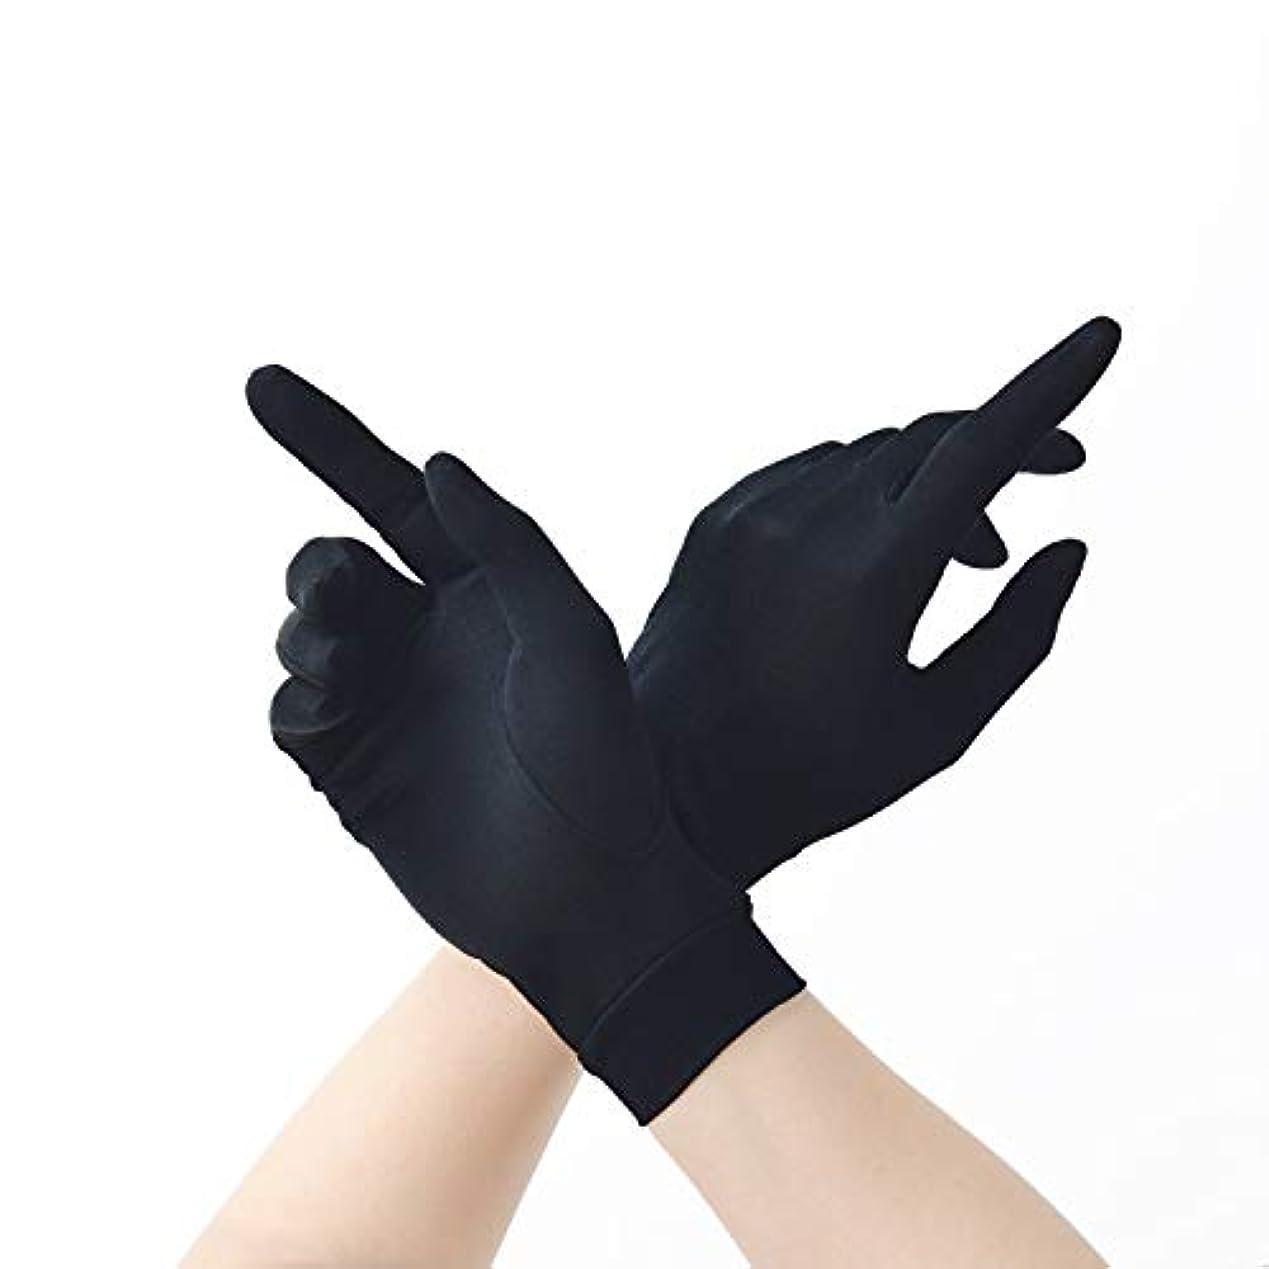 カニ悲観主義者一月保湿 夏 ハンド 手袋 シルク 紫外線 日焼け防止 手荒い おやすみ 手触りが良い ケア レディース